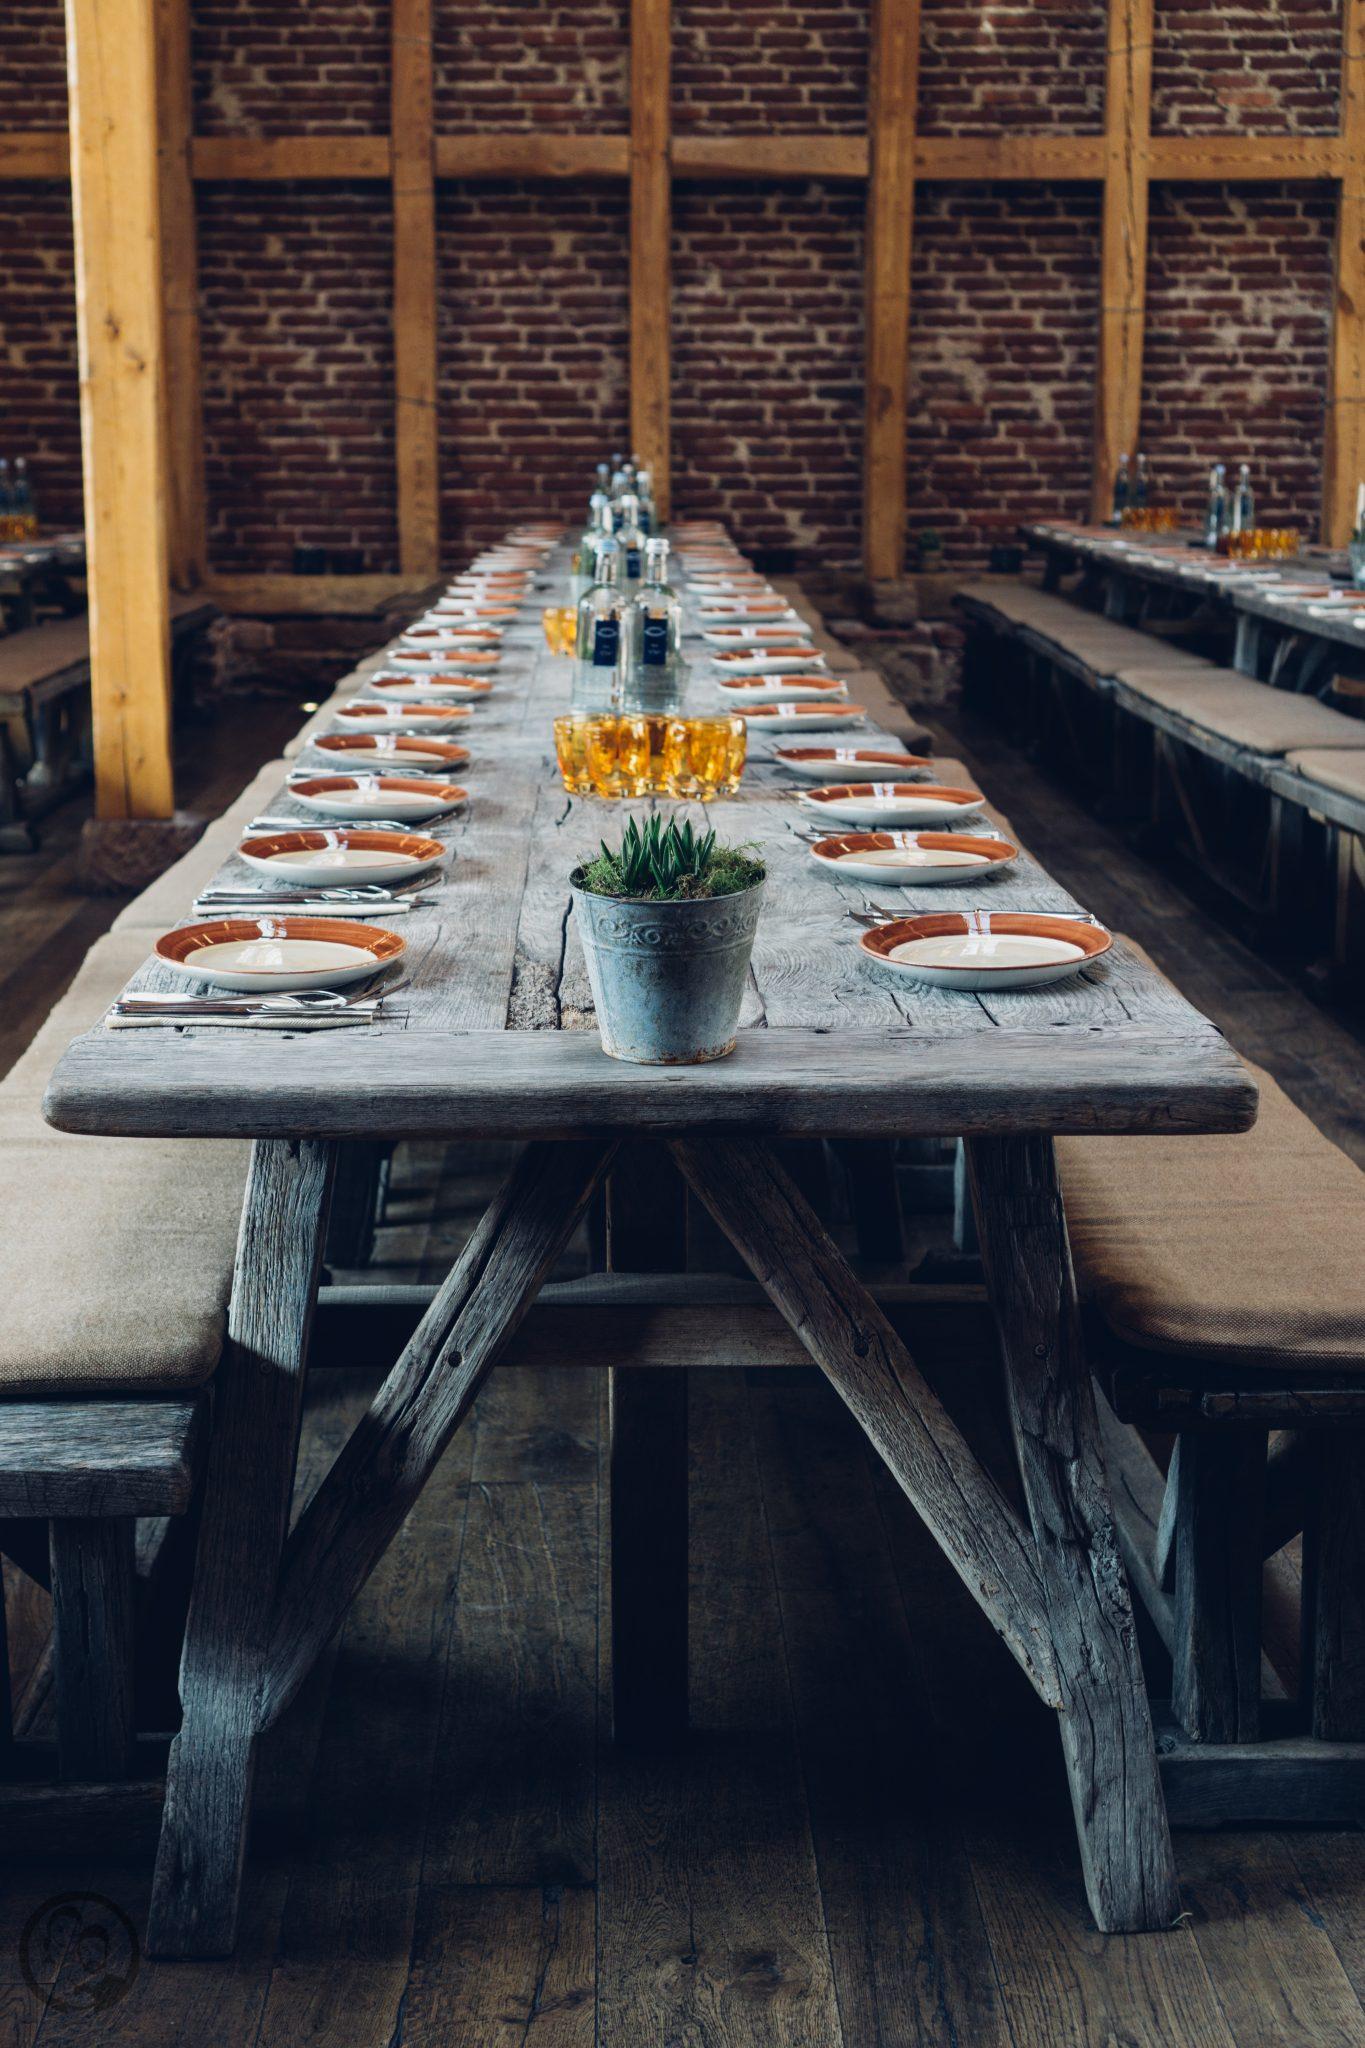 Vila Vita 18   Heute möchten wir euch von einem Foodie-Tag der Extraklasse durch Marburg berichten, dass ist nämlich schon lange überfällig. Die Vila Vita Marburghat gemeinsam mit Cat von Schlemmerkatze zum Schlemmertag gerufen und da sagen wir definitiv nicht nein zu.Die Vila Vita kennen wir ja schon seit der Landpartie im letzten Jahr und im Märzdurften wir den Genusstempel in seiner ganzen Vielfalt erleben. Zum Abschluss wurde dann auch noch gemeinsam gekocht und unseren Favorit von diesem Abend, stellen wir euch heute vor - Spicy Tartar Roll!